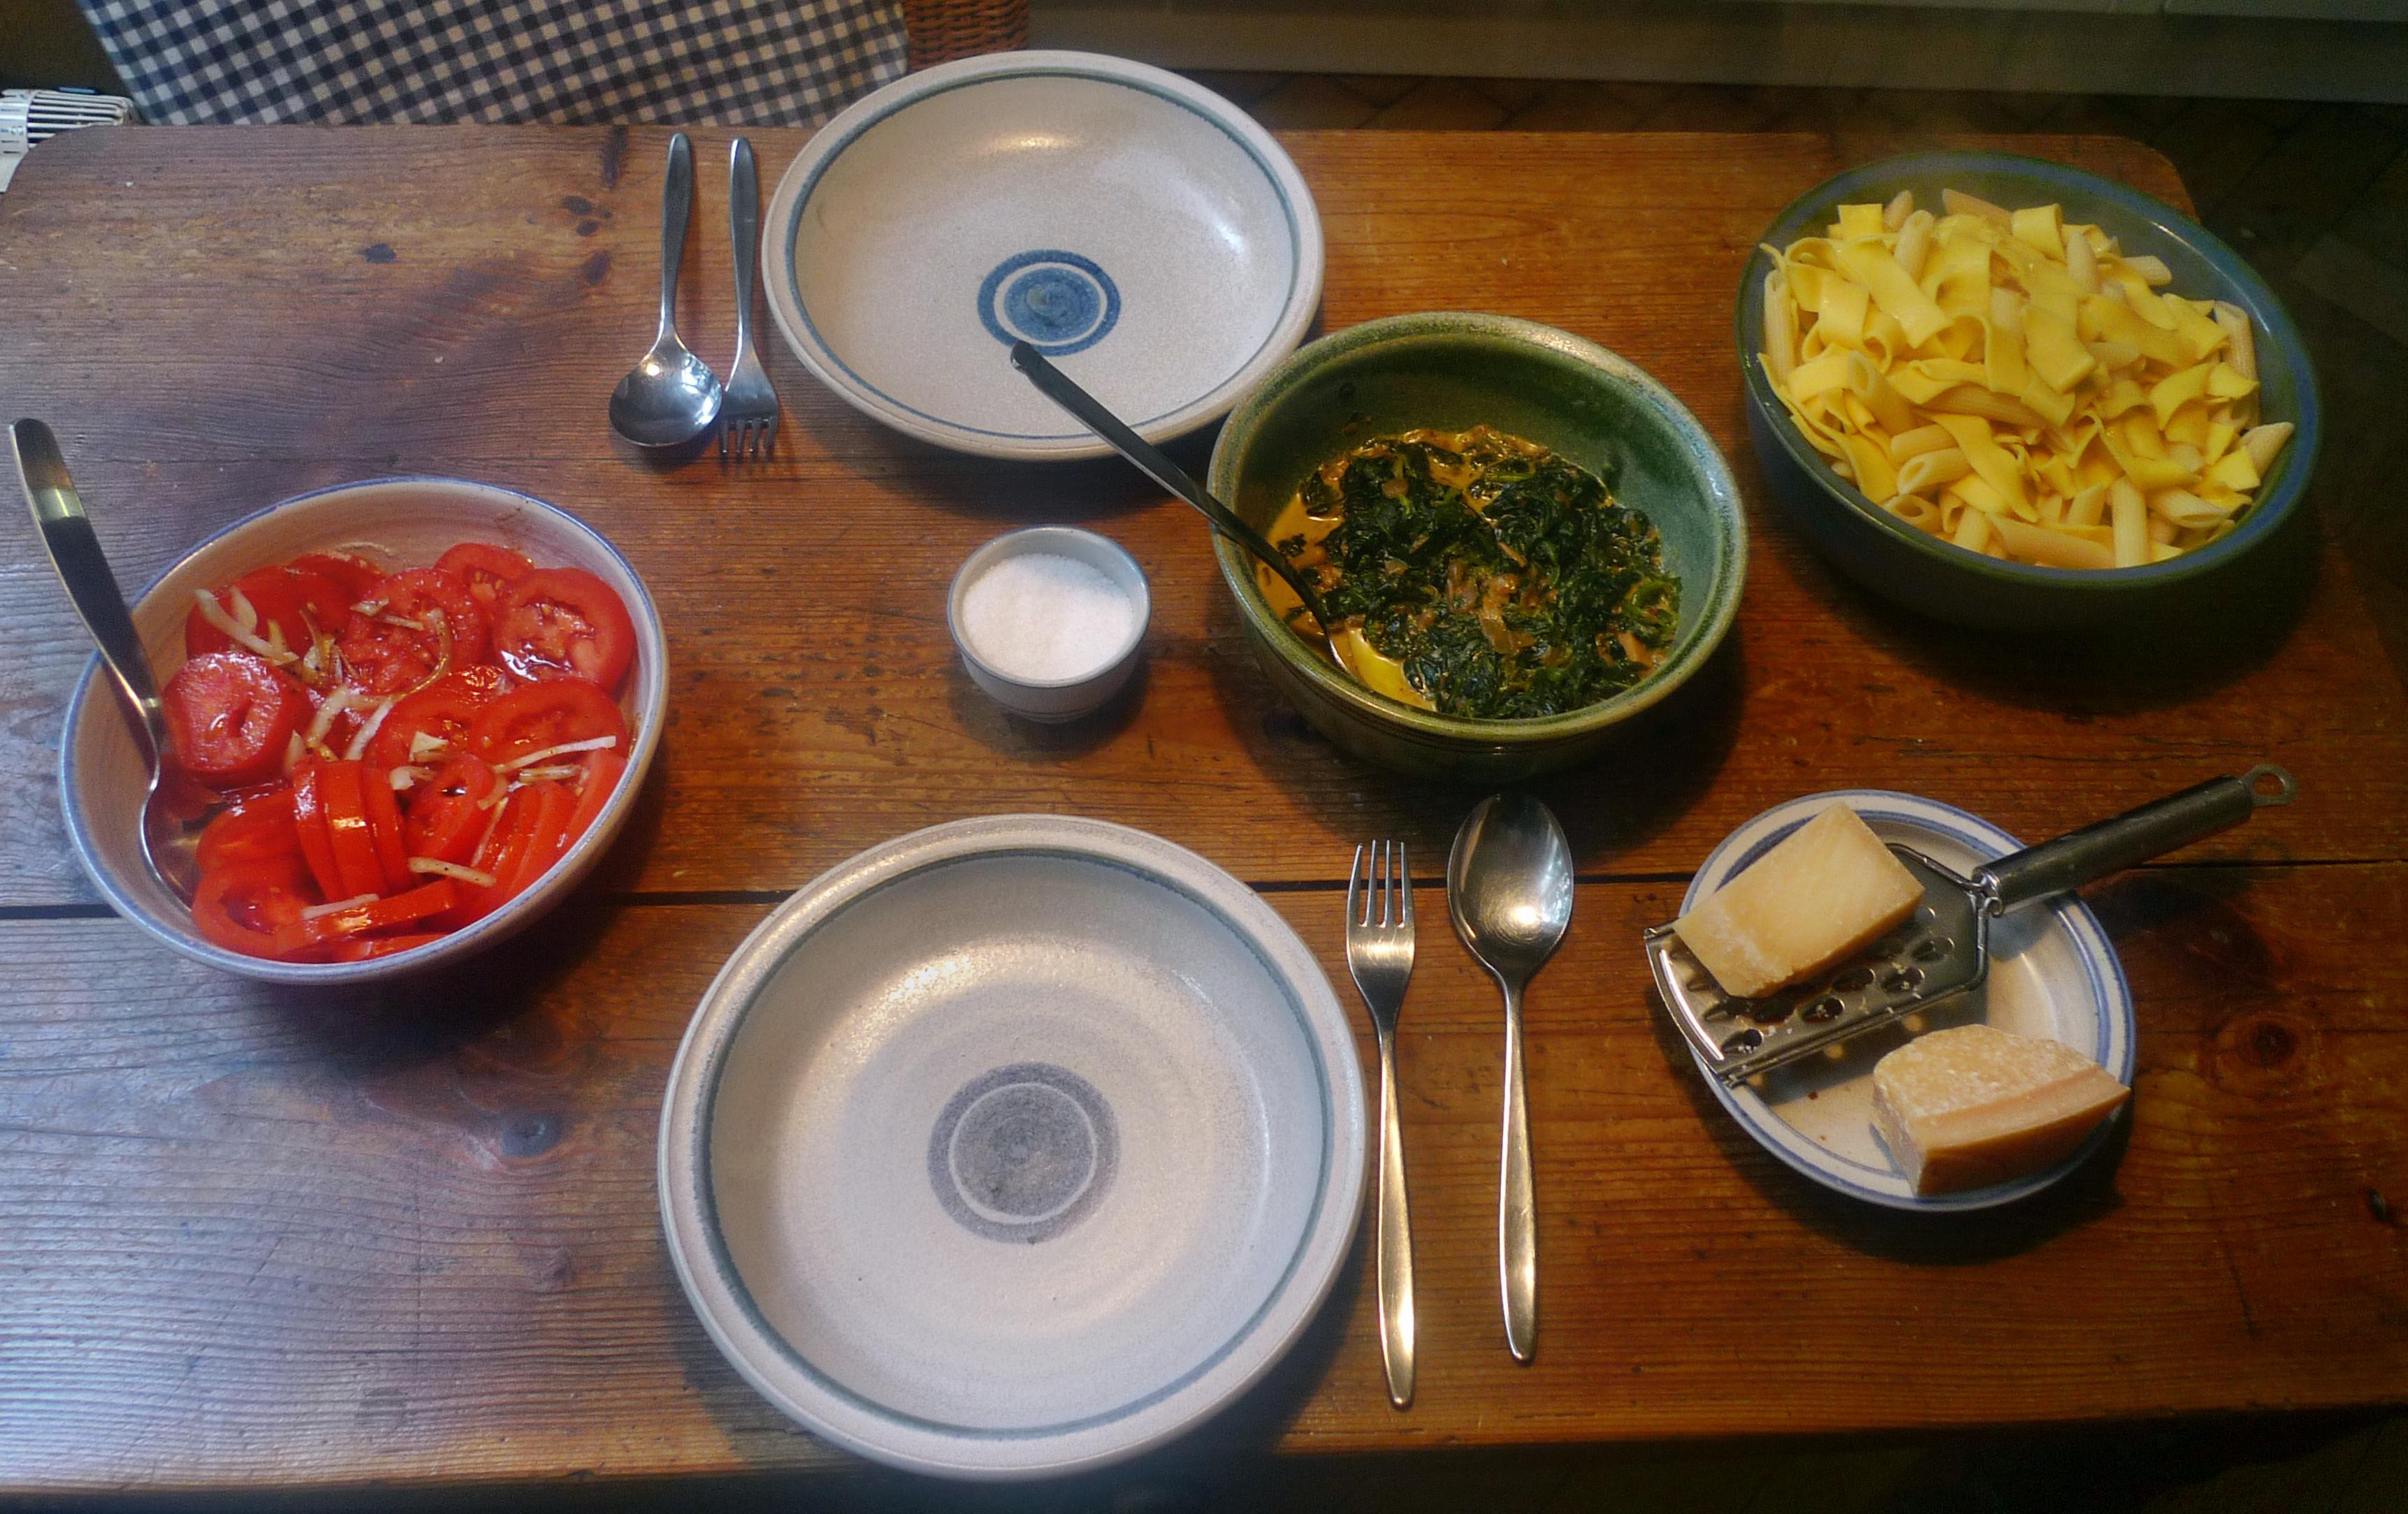 Spinat mit Nudeln-Apfel im Schlafrock -25.10.14   (17)